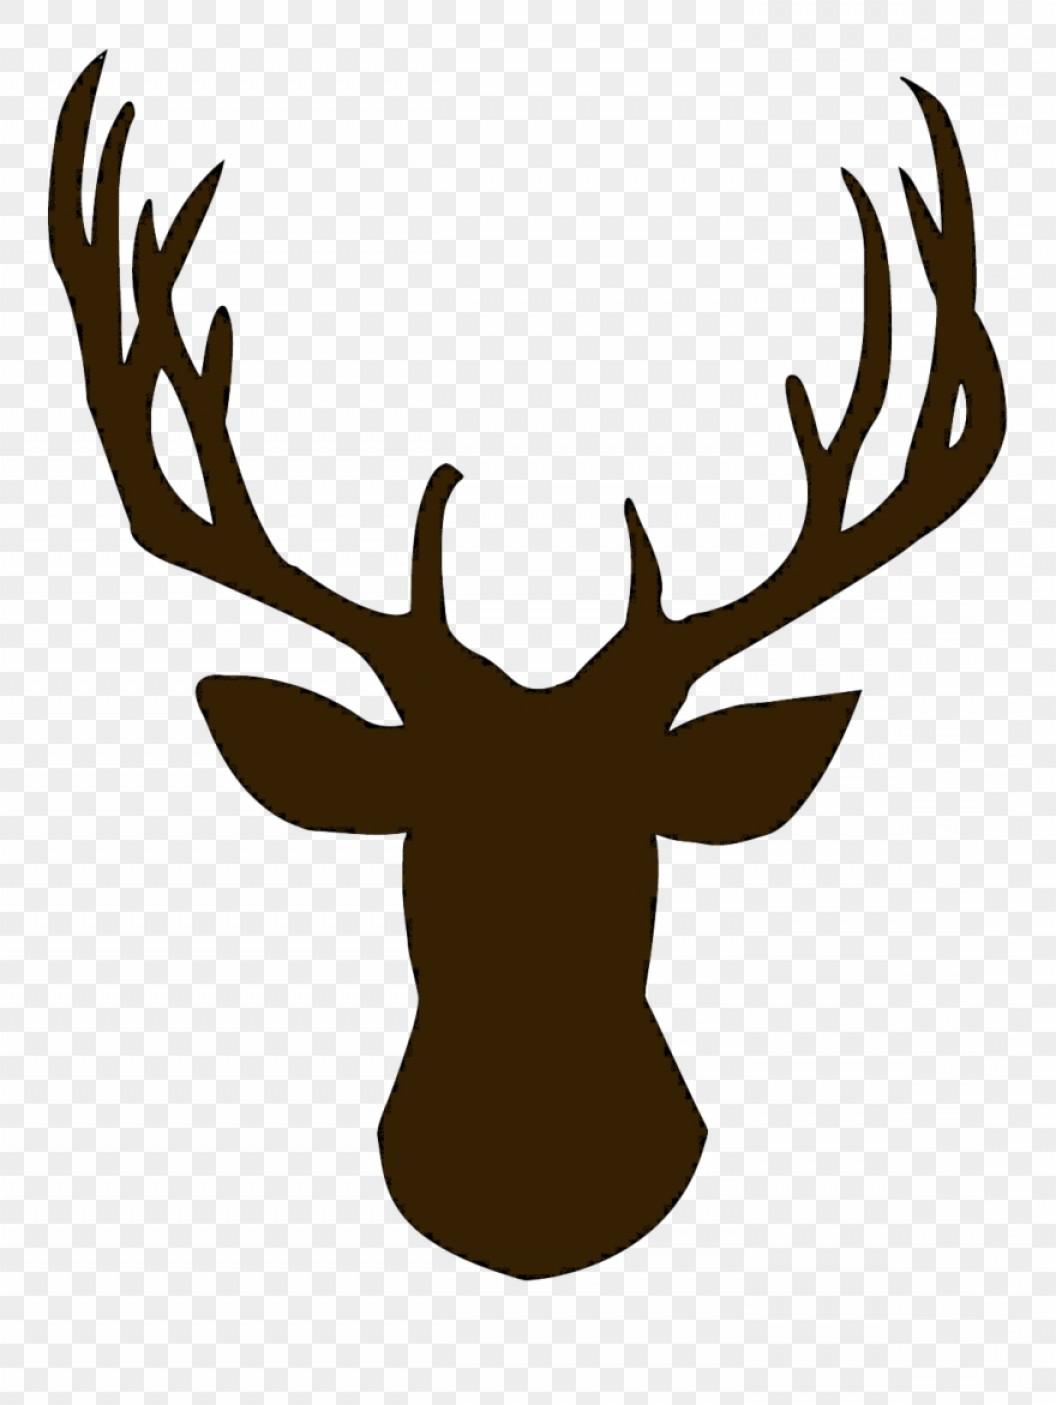 Deer Head Silhouettes Reindeer Antlers Clipart Deer Clip Art.